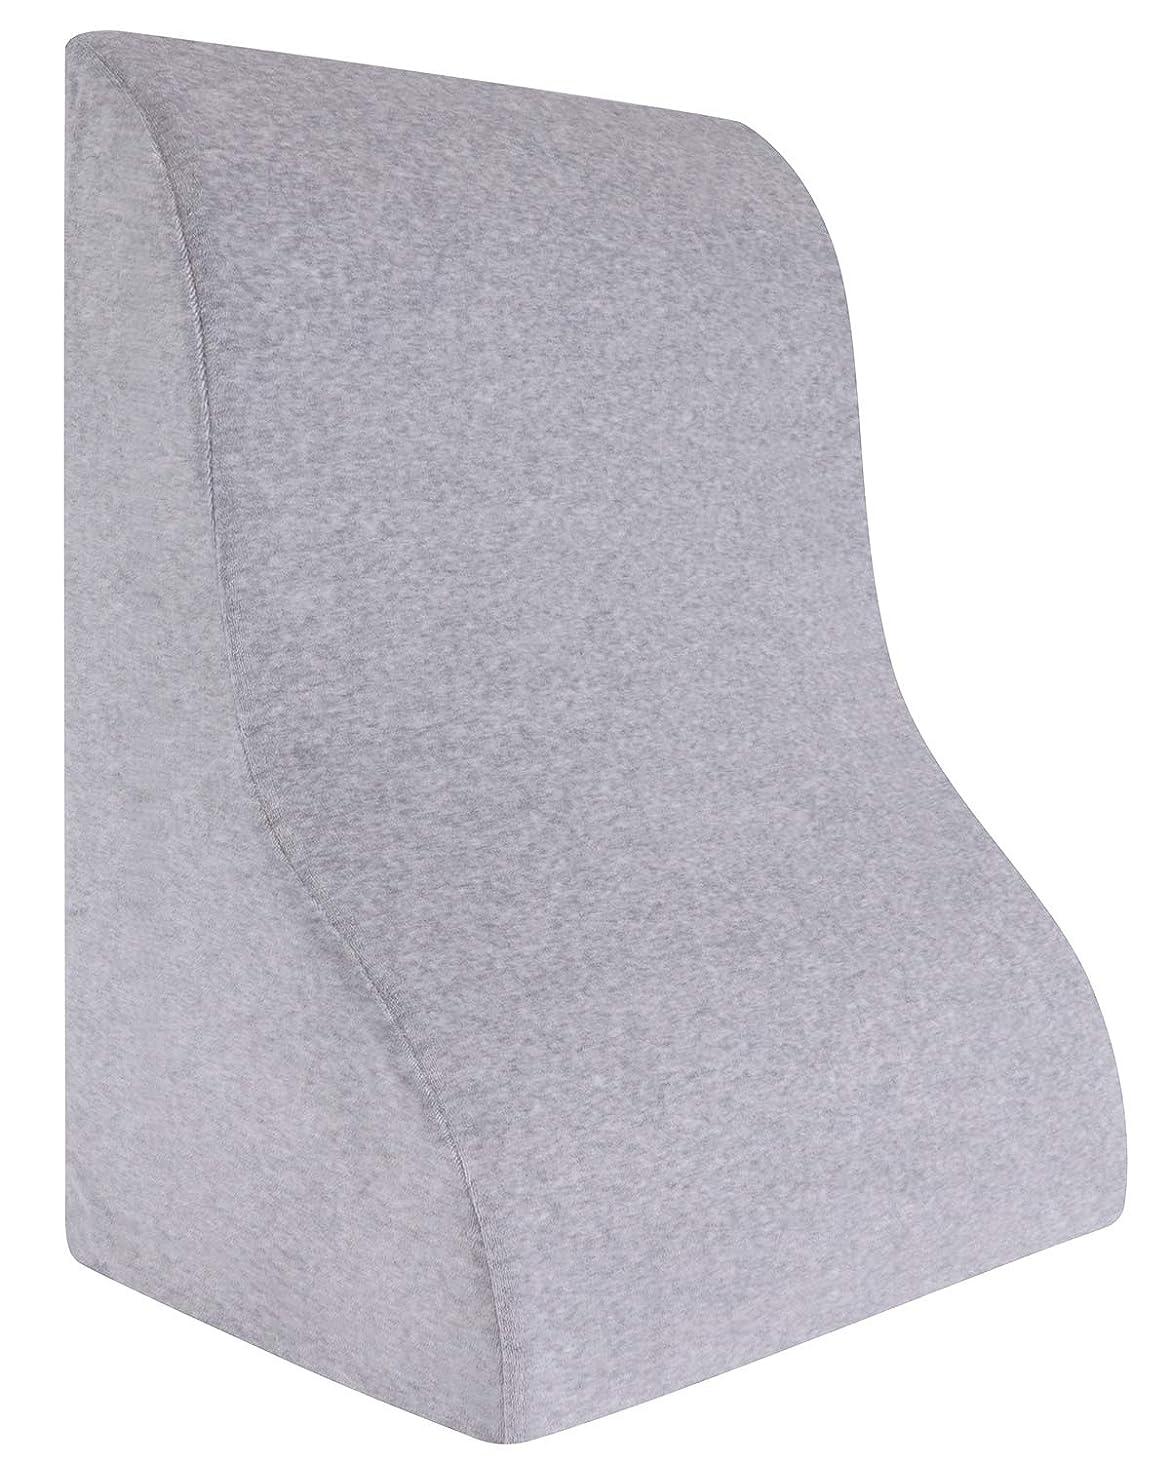 特派員振り返るどう?Meiz 三角クッション専用カバー 読書用クッション 替えカバー 腰枕カバー 傾斜枕カバー 逆流性食道炎枕カバー